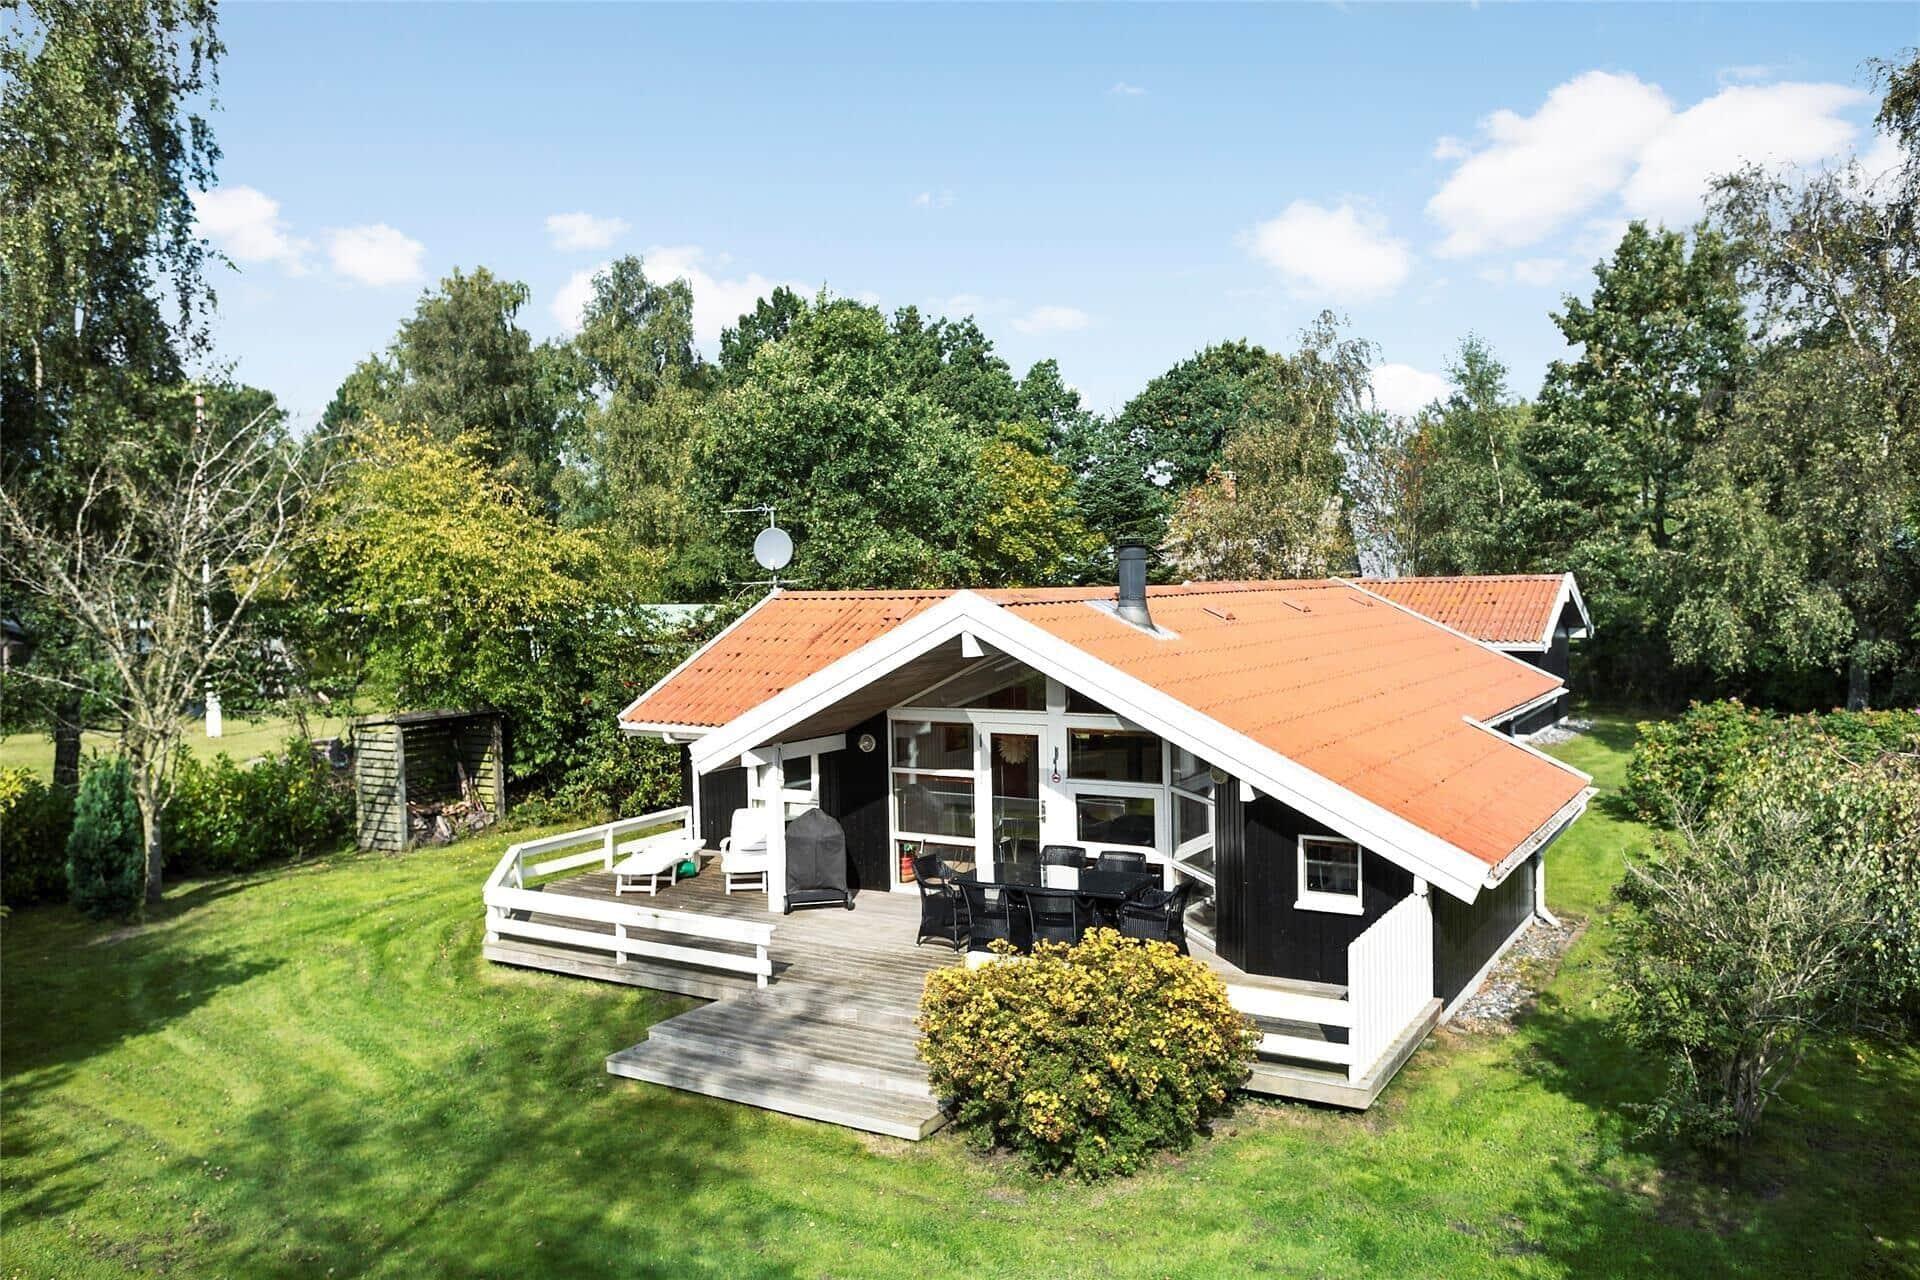 Billede 1-15 Sommerhus 1323, Fællesskov Strandvej 28, DK - 4780 Stege